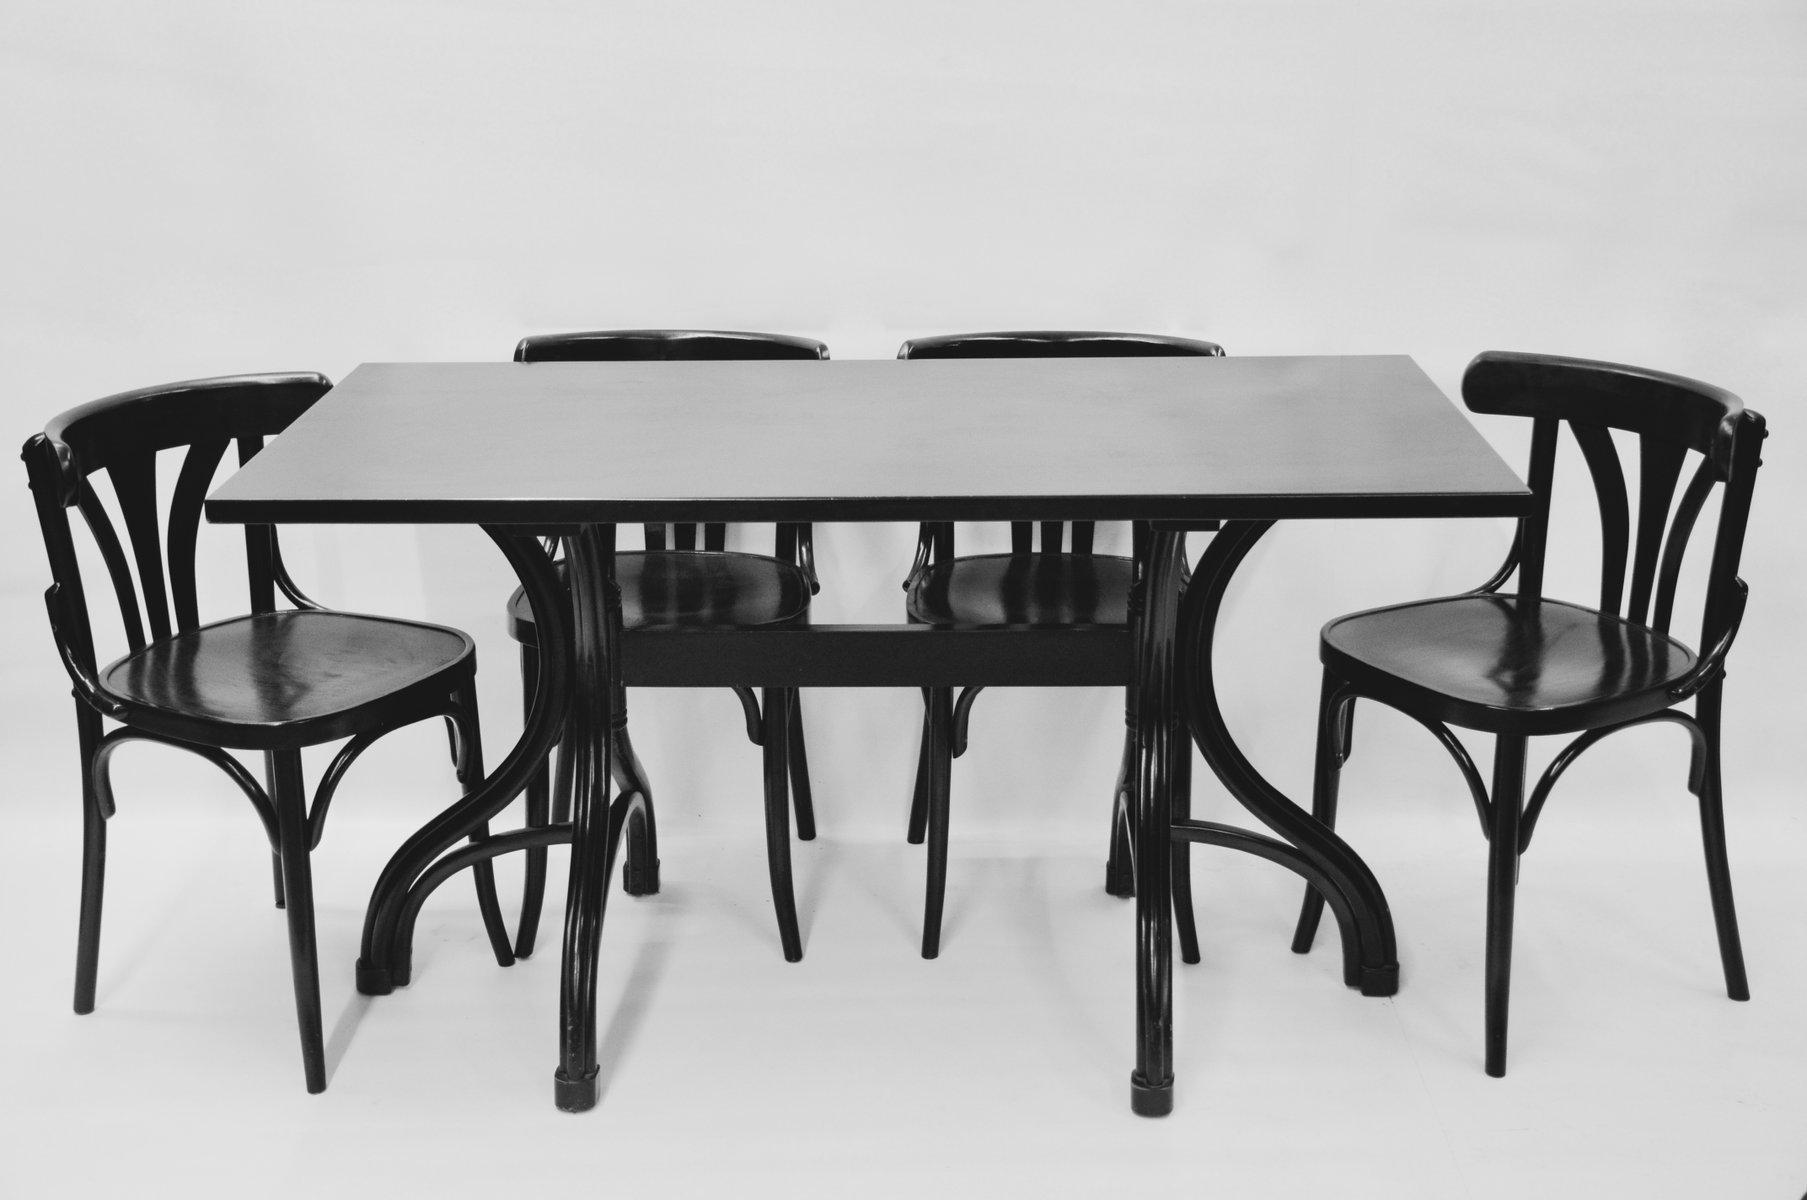 bugholz tisch mit vier bugholz st hlen von thonet 1980er bei pamono kaufen. Black Bedroom Furniture Sets. Home Design Ideas